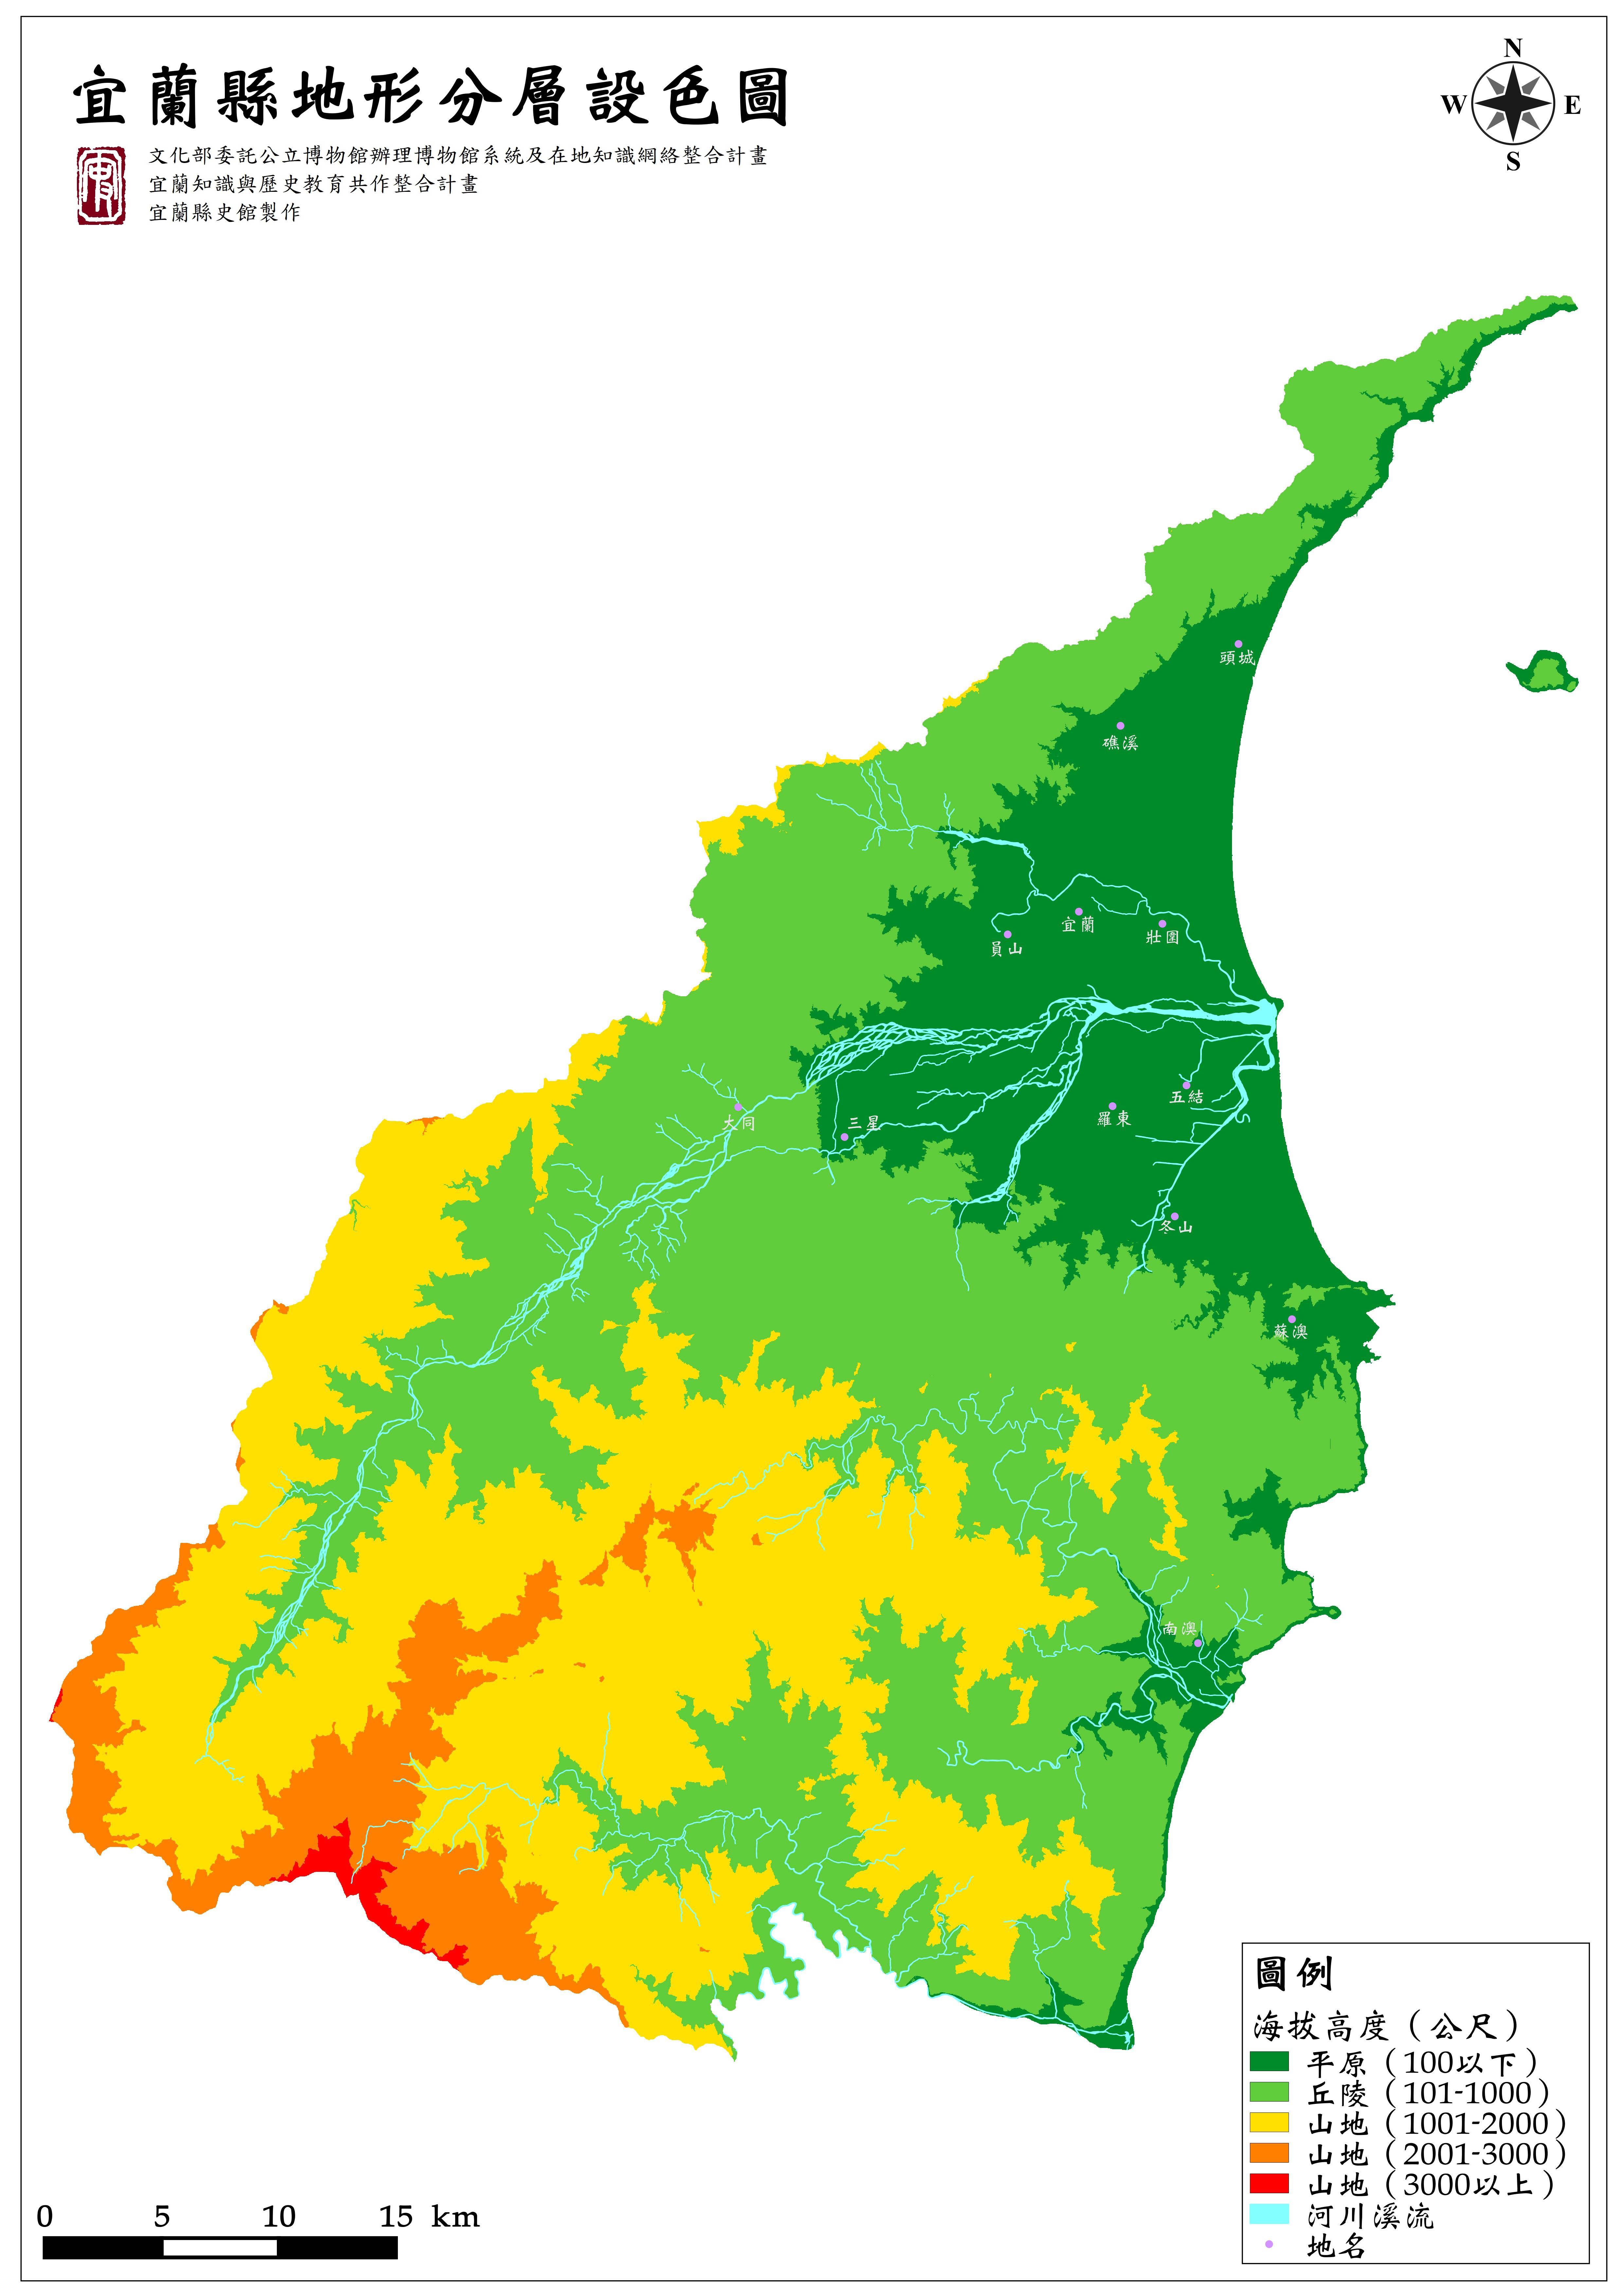 宜蘭縣地形分層設色圖(水系)